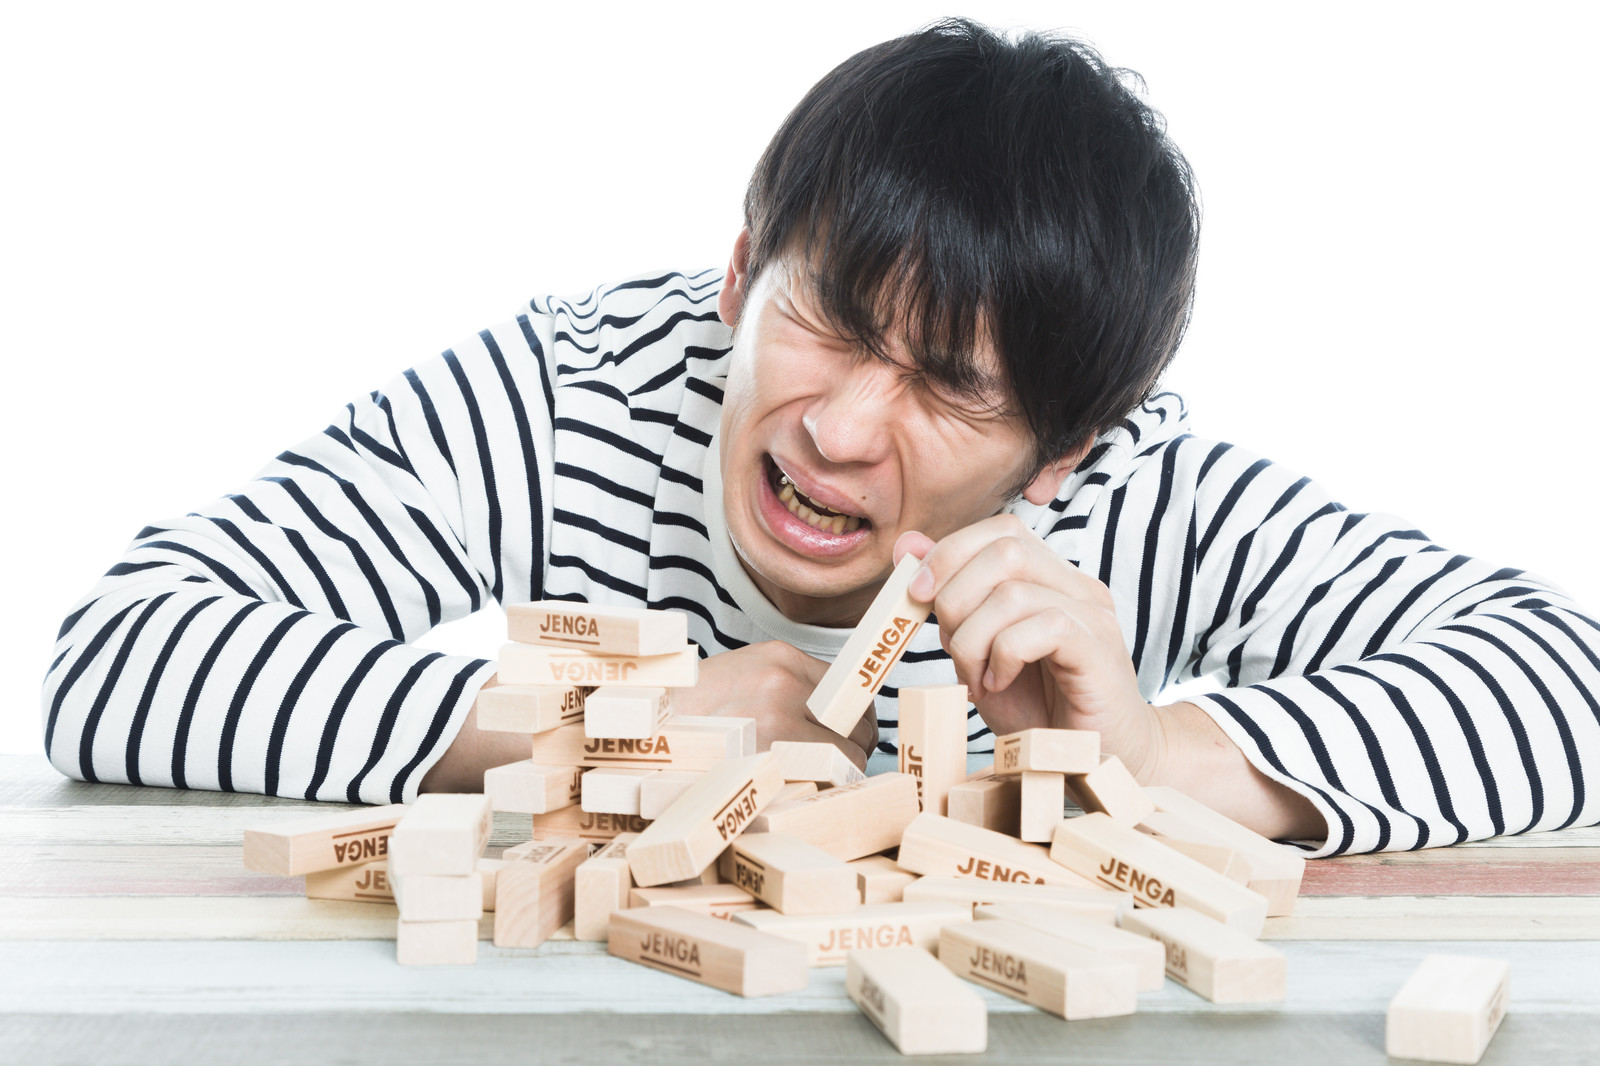 「ジェンガ崩壊に泣き崩れる男性ジェンガ崩壊に泣き崩れる男性」[モデル:大川竜弥]のフリー写真素材を拡大